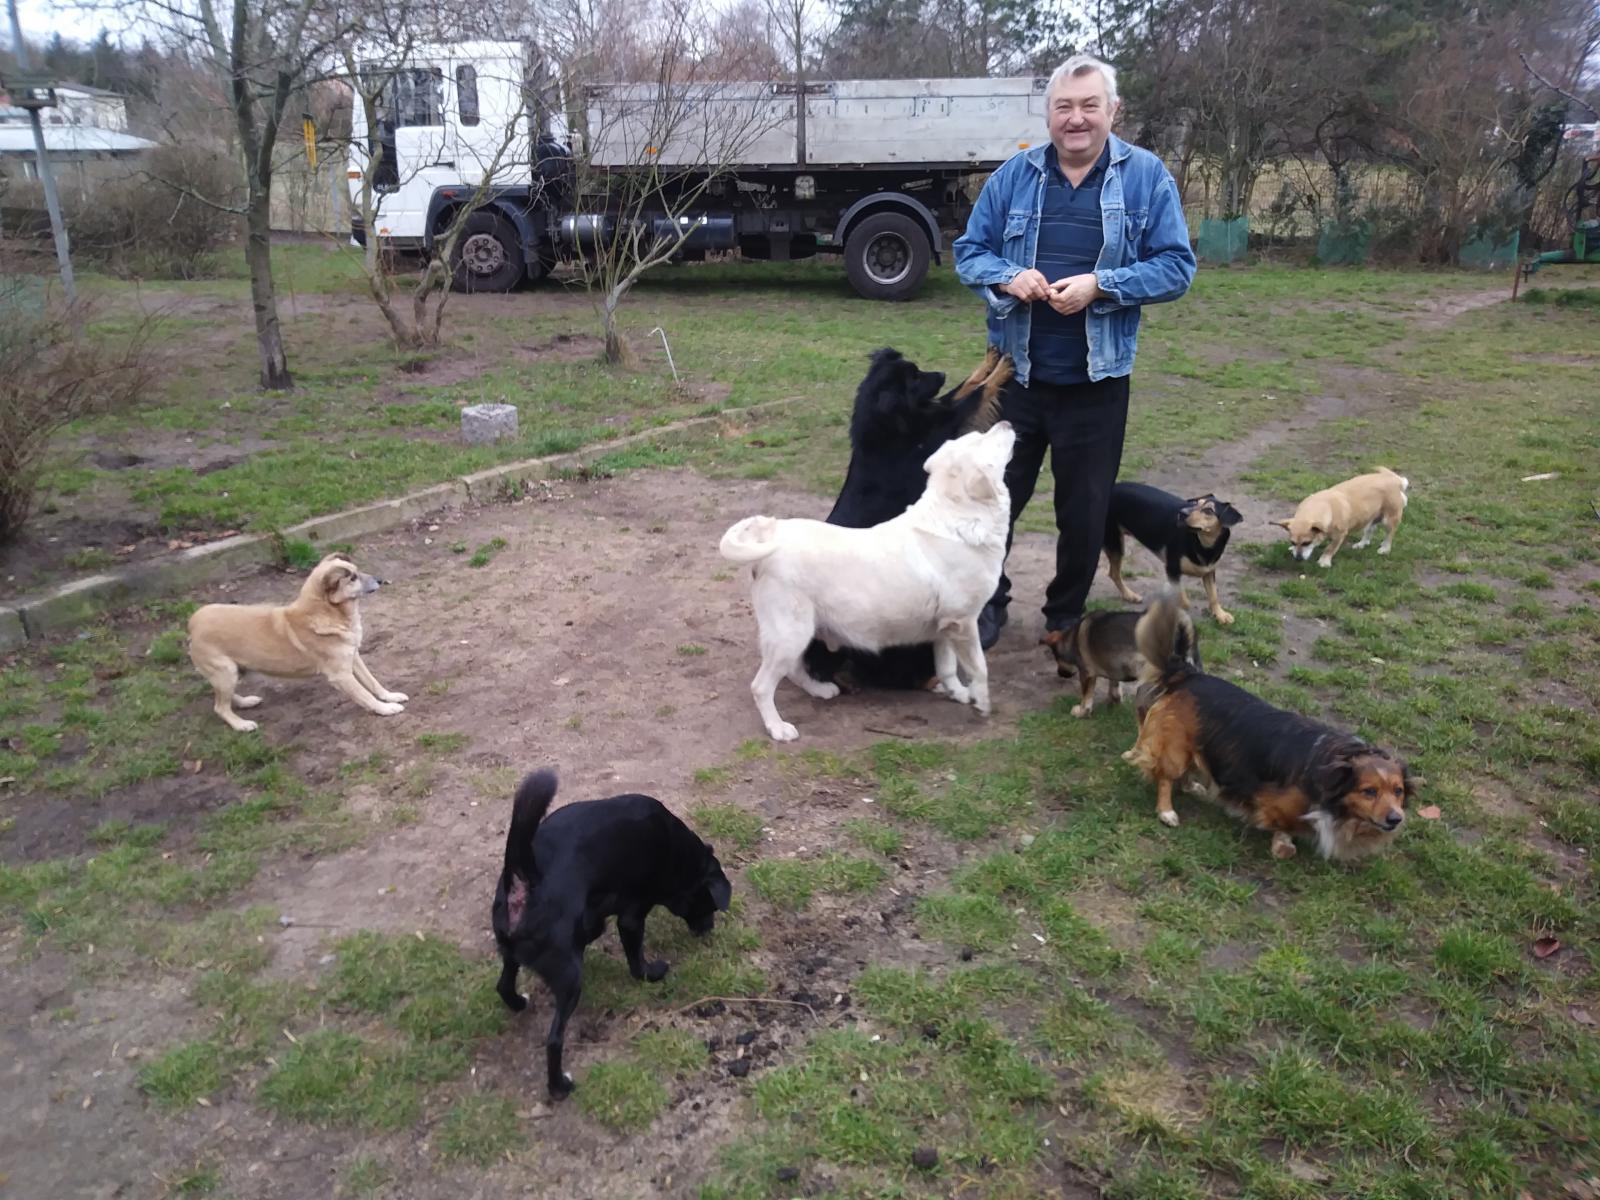 Zbiórka żywności dla bezdomnych zwierząt w Biedronce w Łagowie